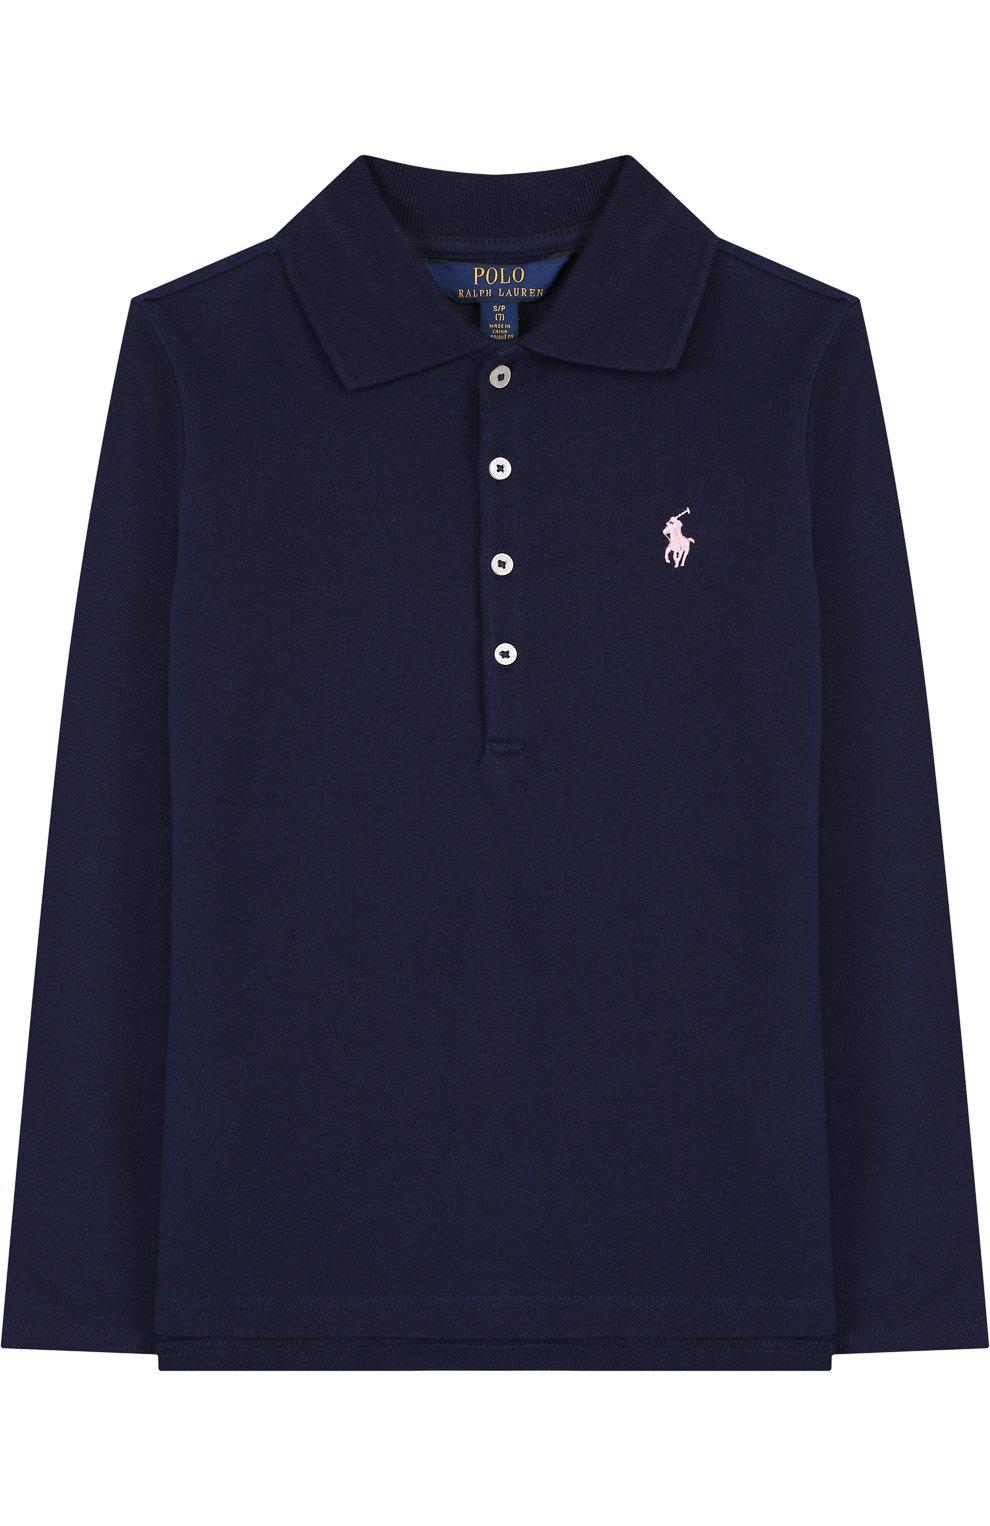 09f340e9f5a3 ... рукавами Polo Ralph Lauren. Хлопковое поло с длинными рукавами   Фото №1